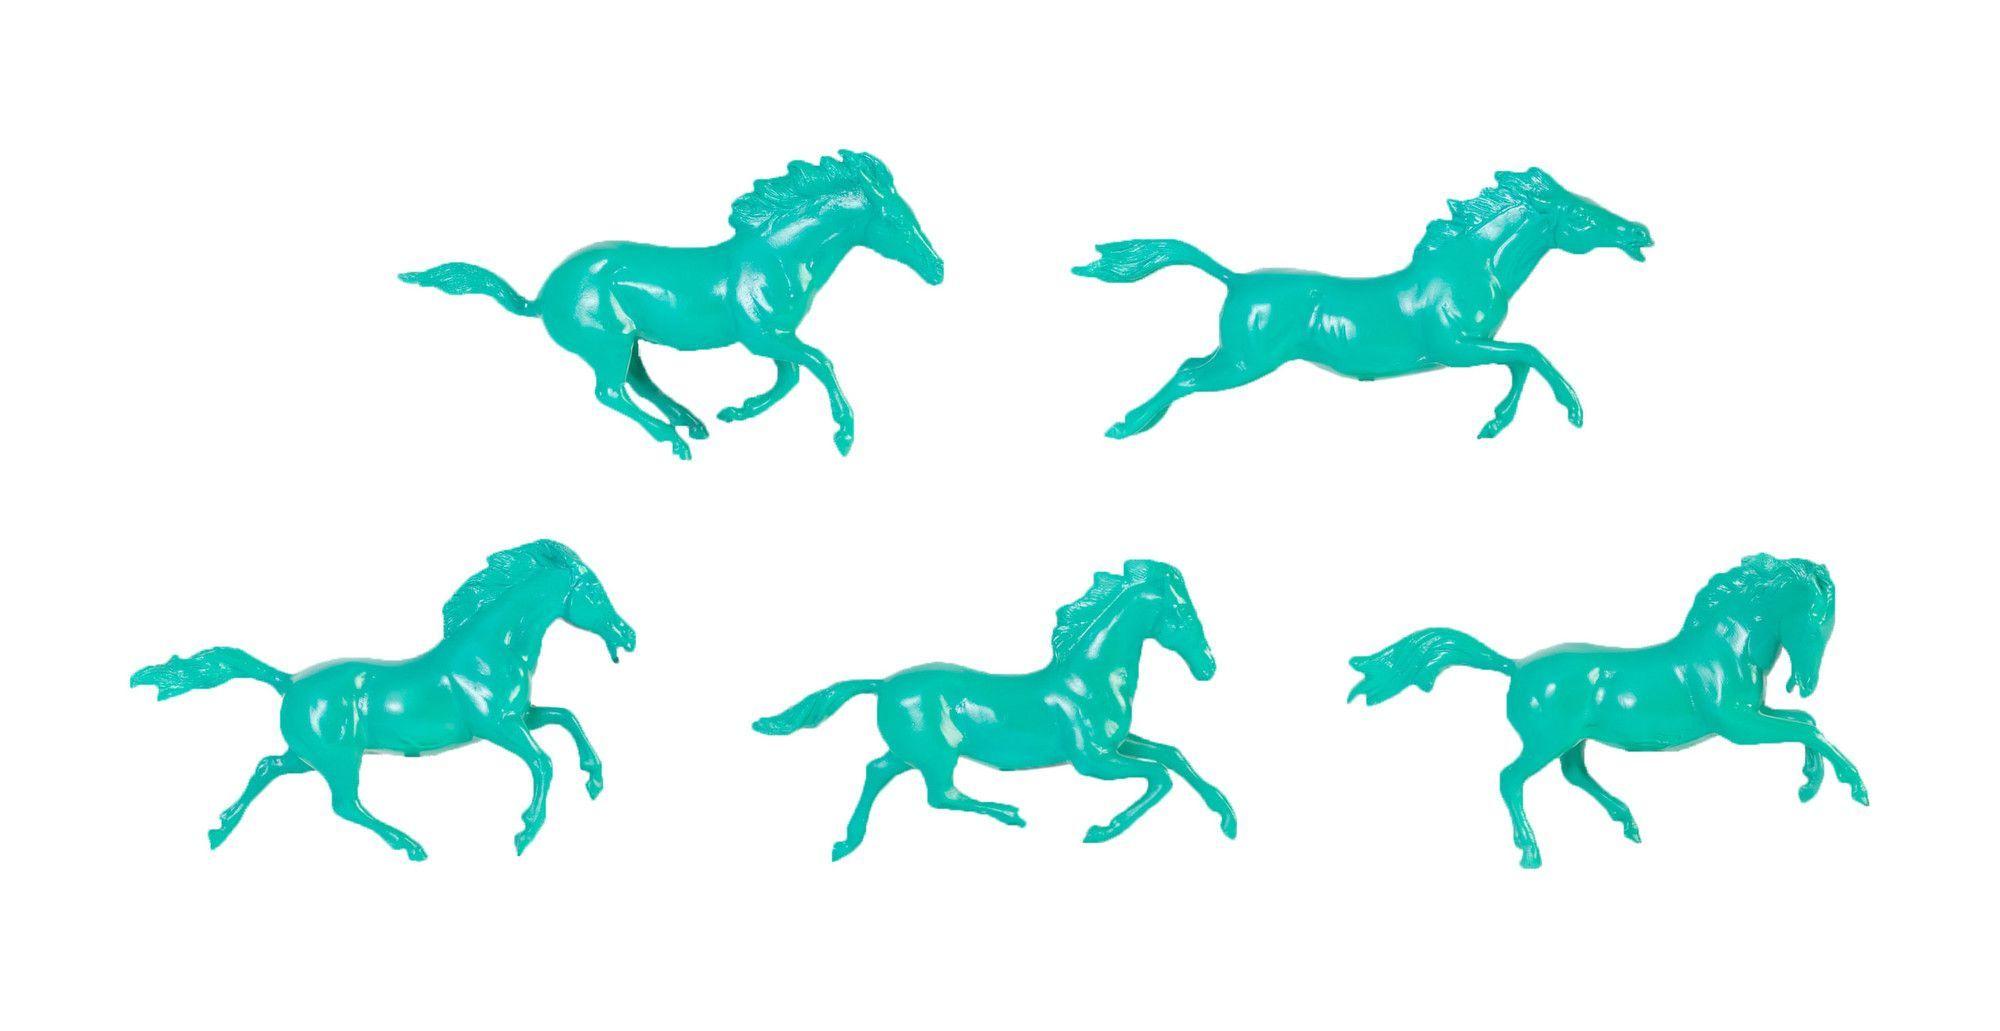 5 Piece Galloping Horses Art Wall Décor Set